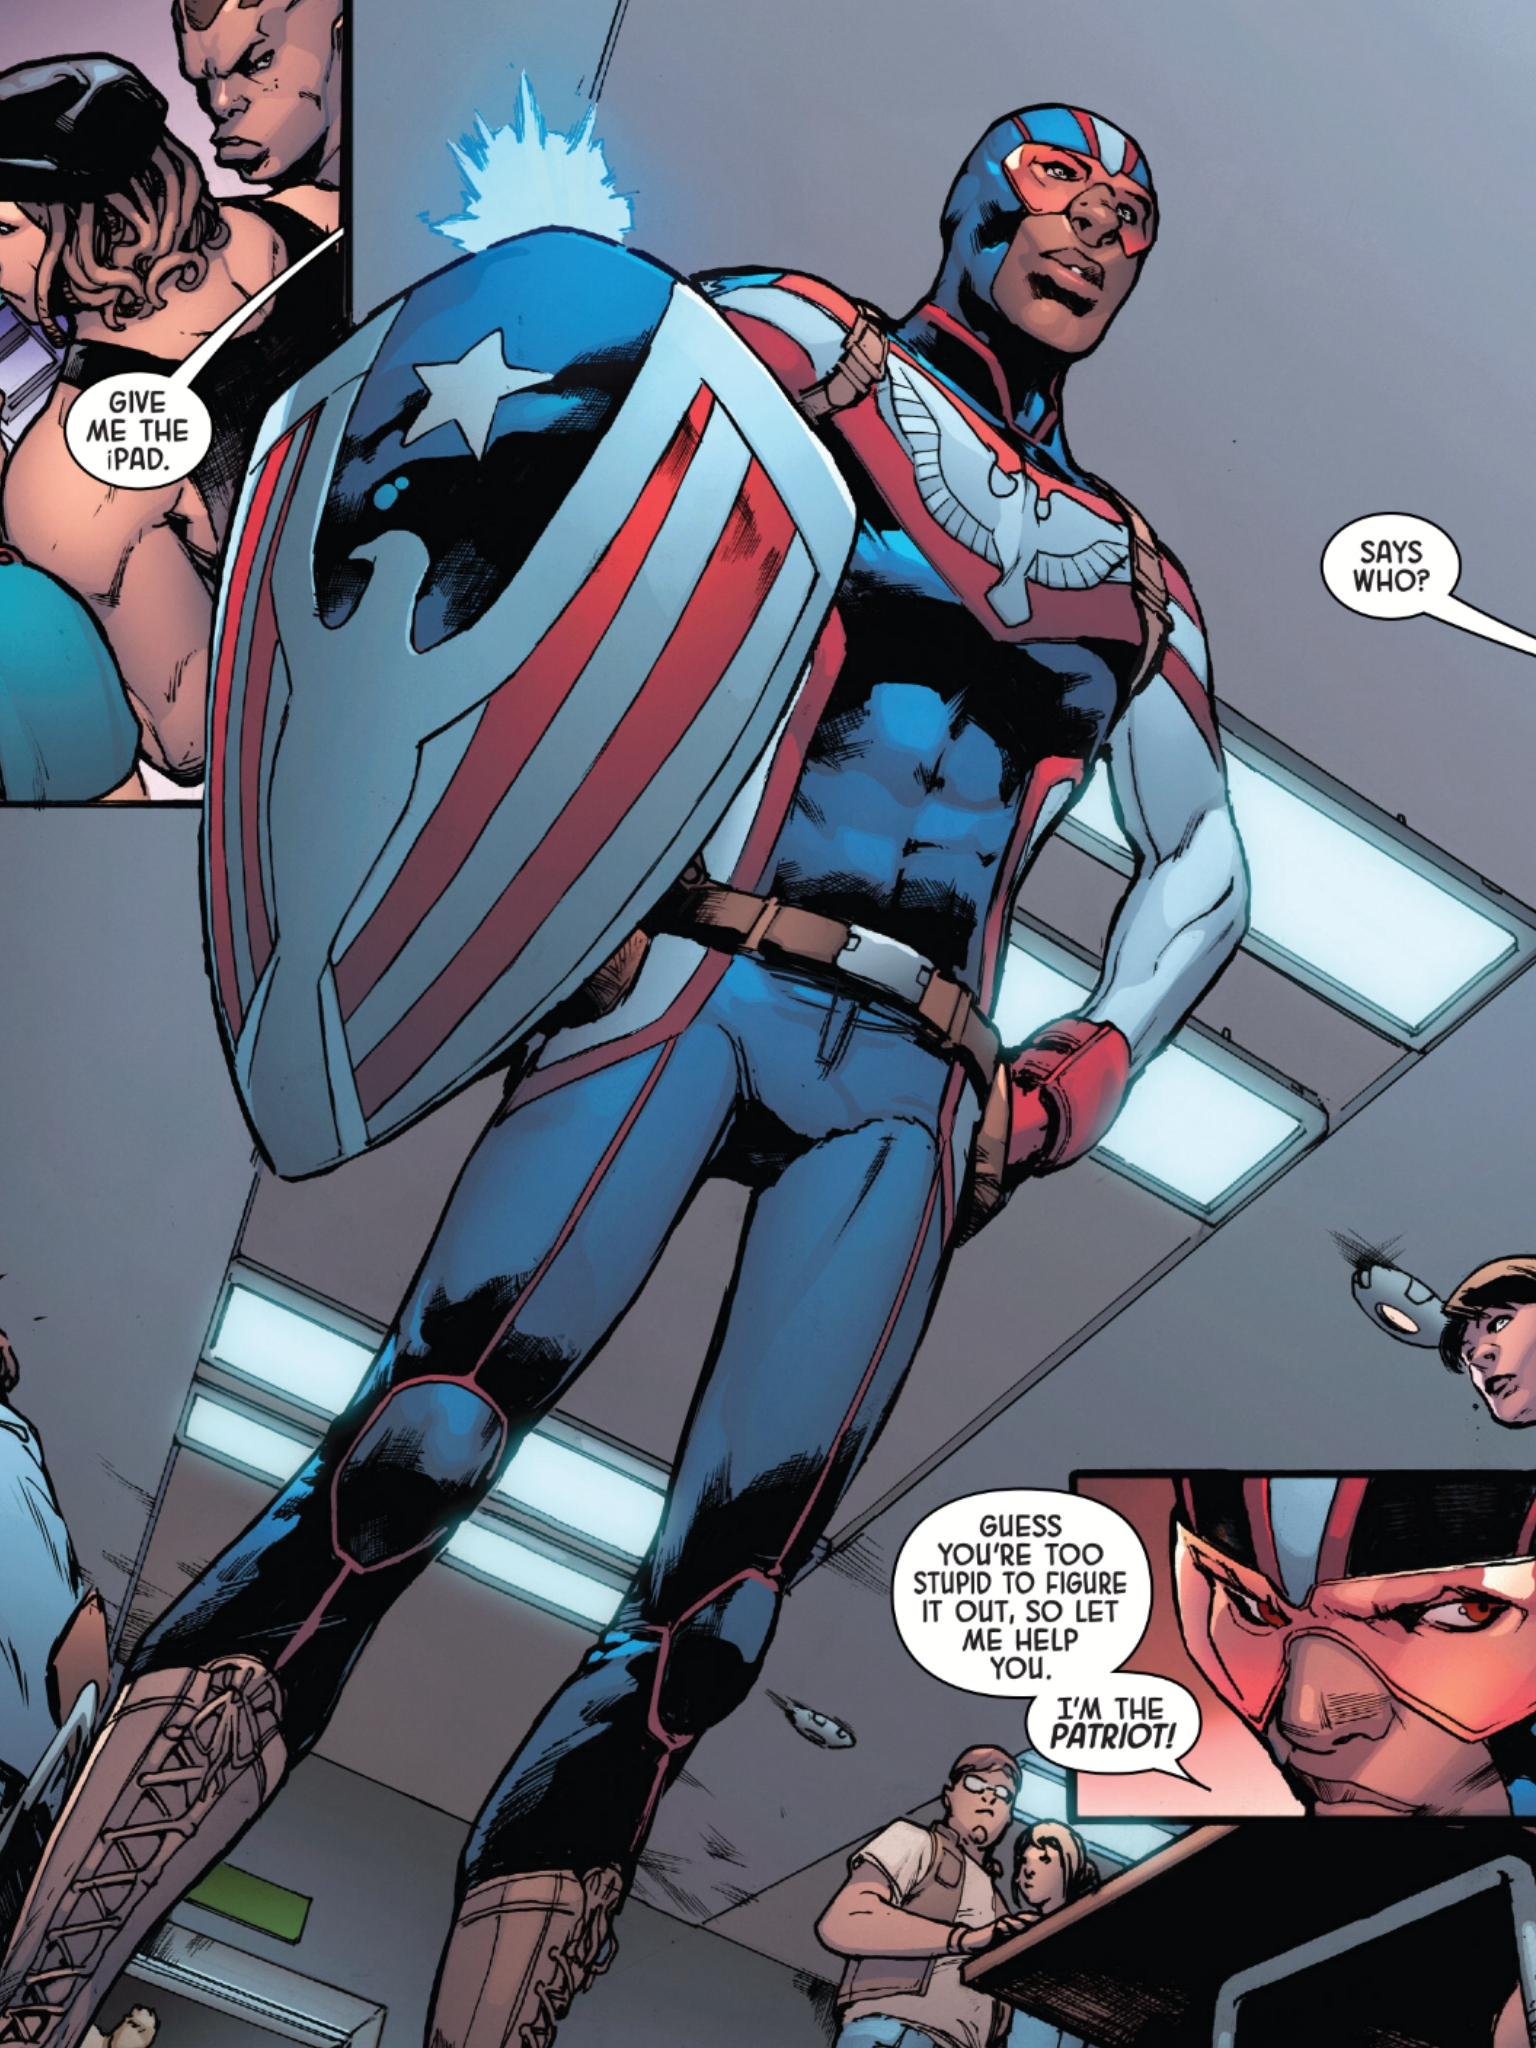 Patriot's Uniform